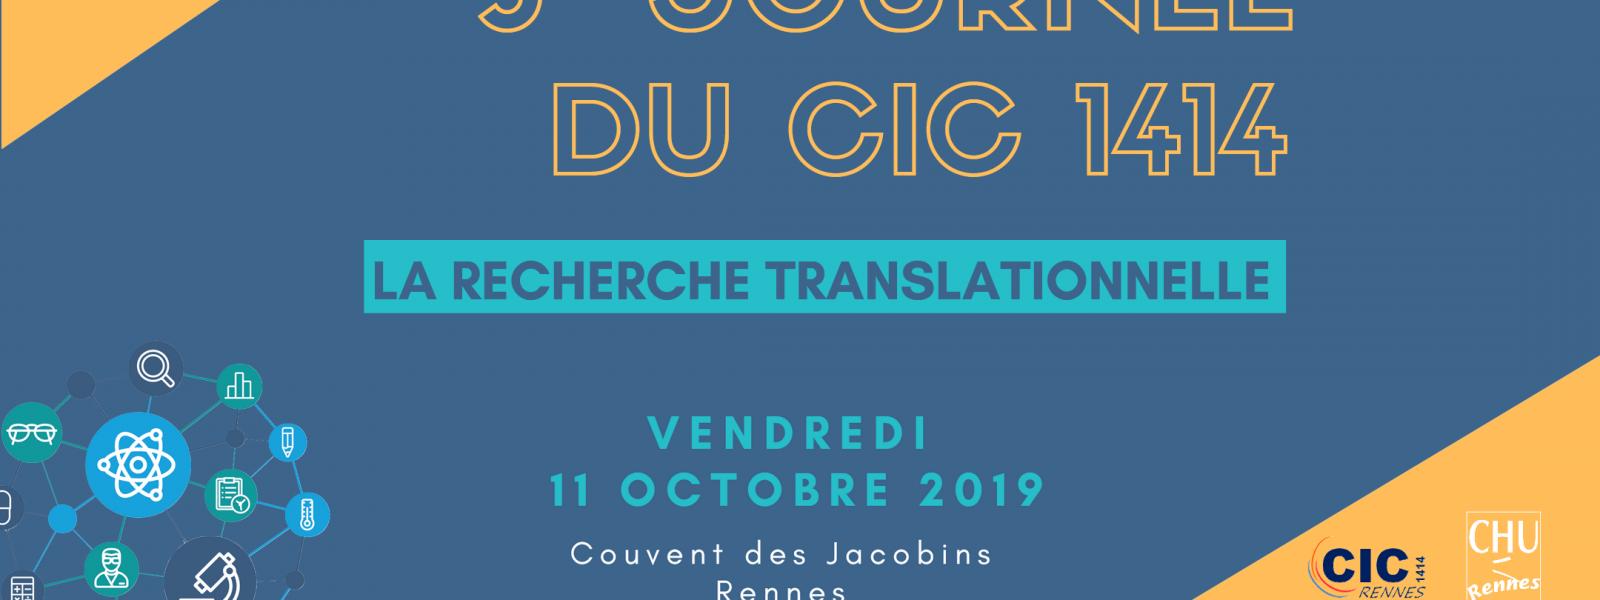 3ème Journée du CIC 1414 - 2019